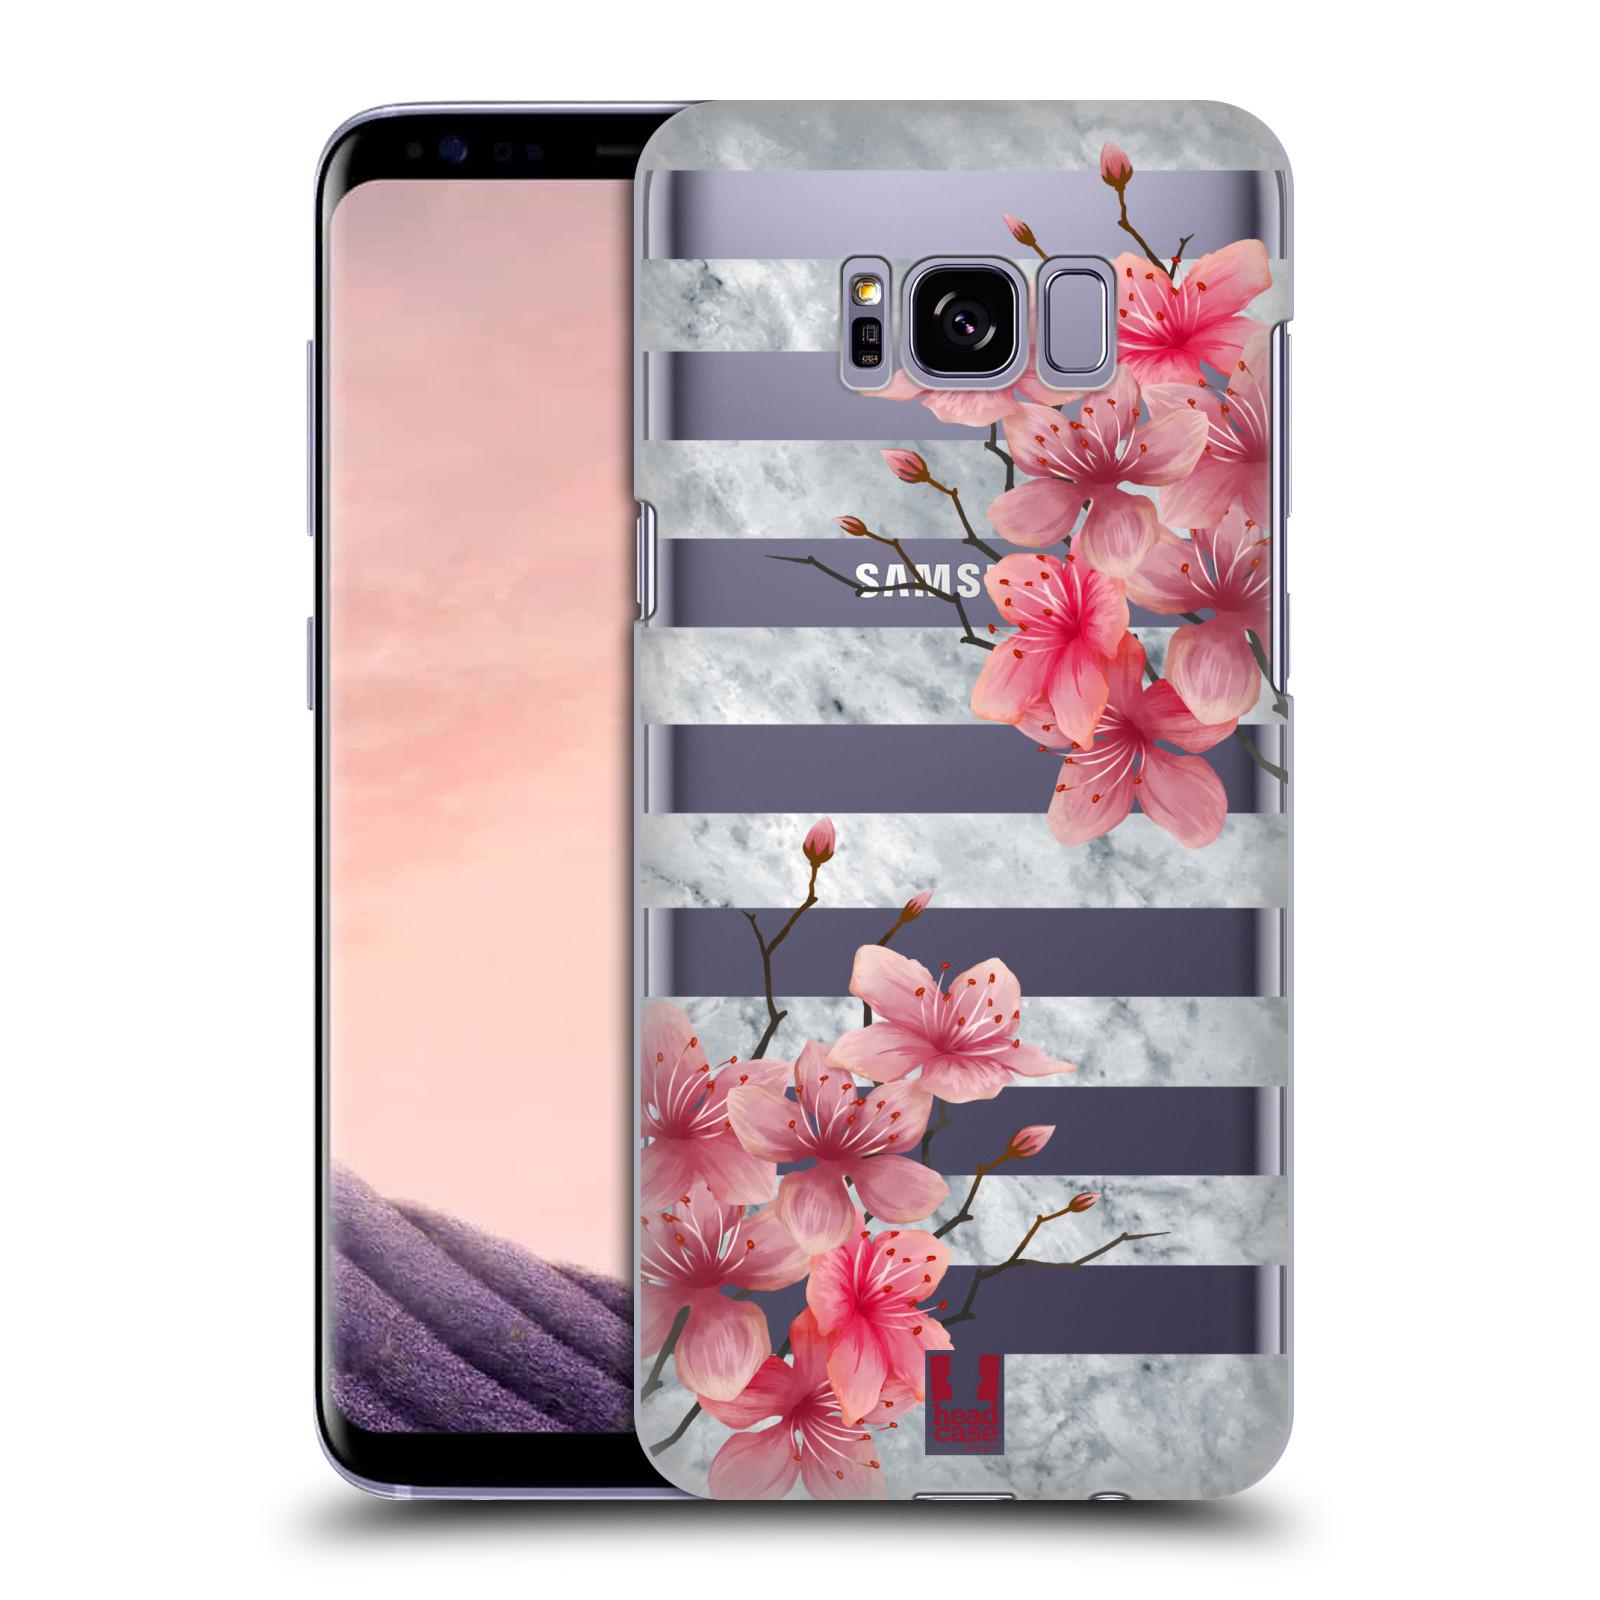 Plastové pouzdro na mobil Samsung Galaxy S8+ (Plus) - Head Case - Kvítka a mramor